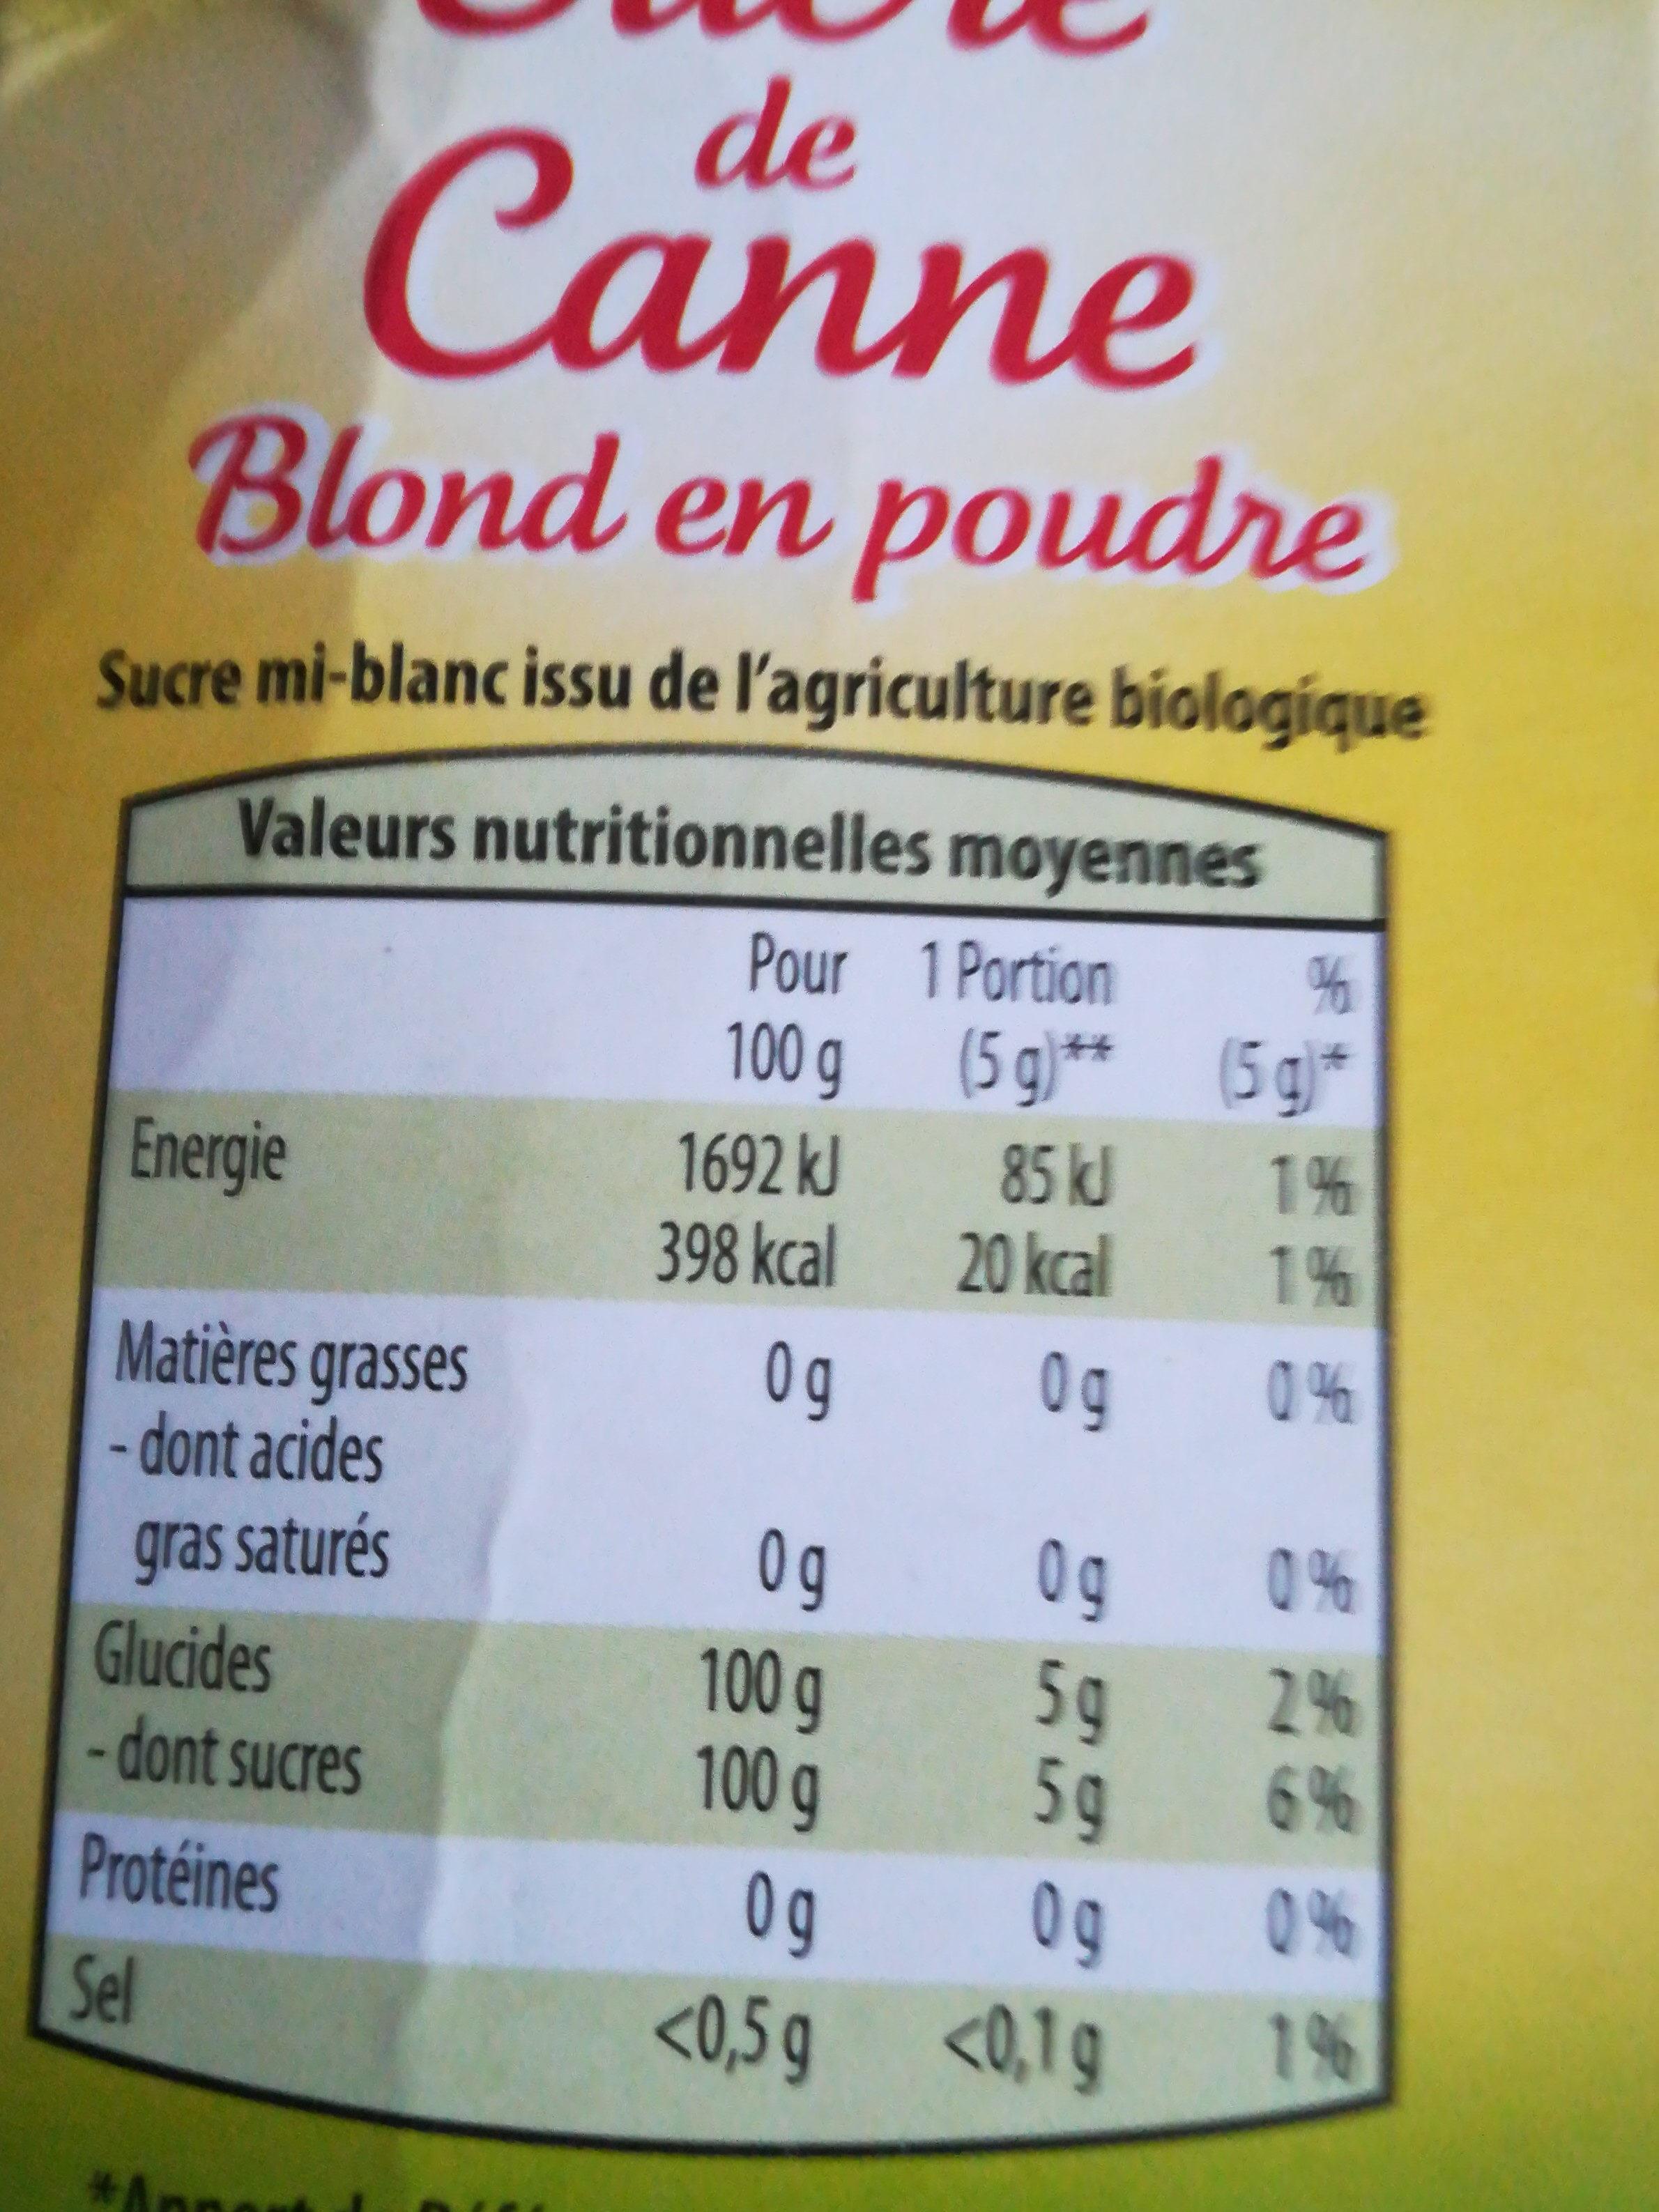 Sucre de canne blond en poudre - Ingrediënten